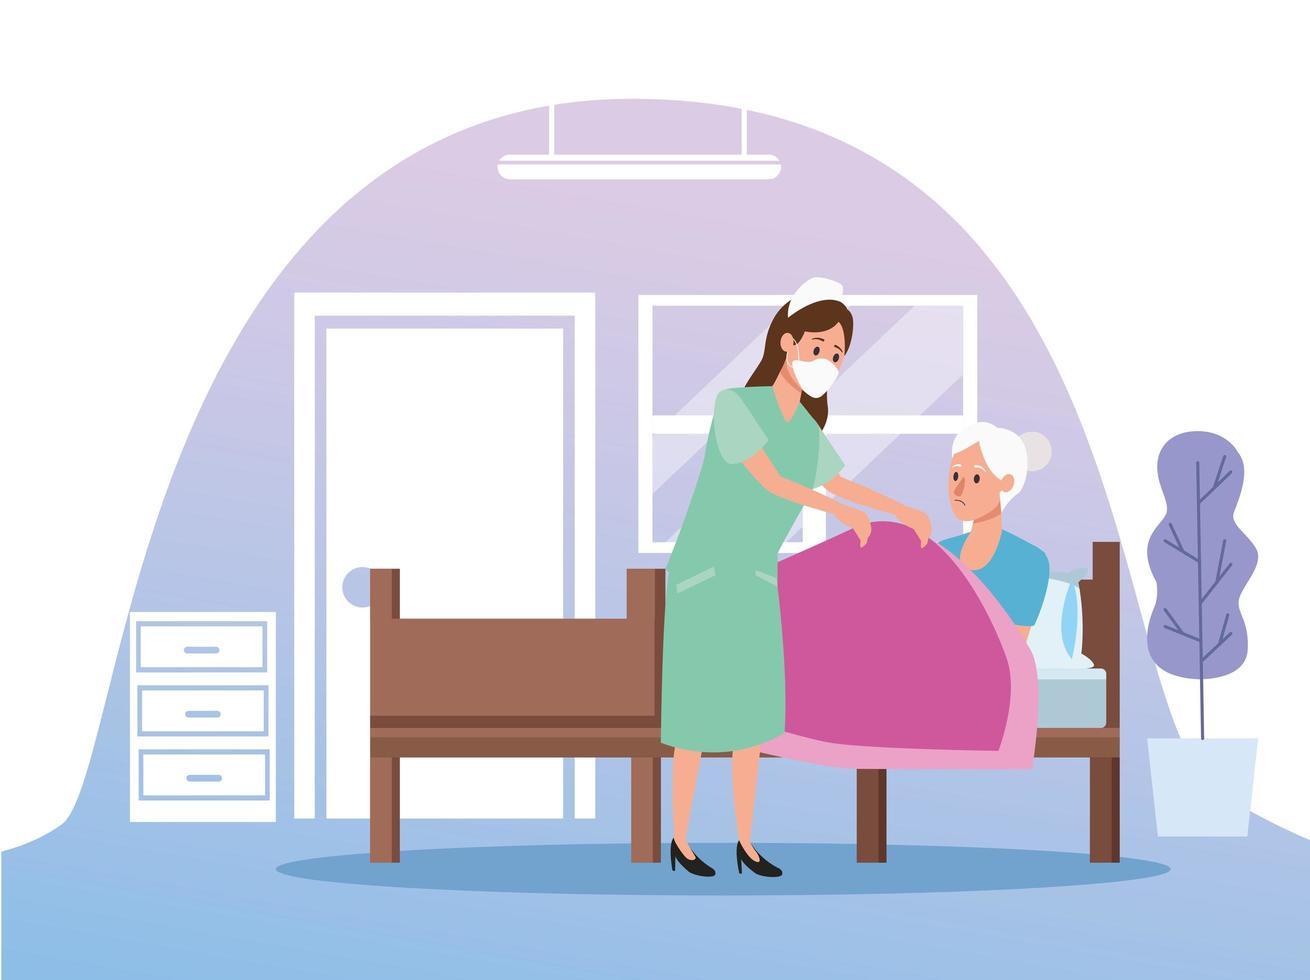 sjuksköterska skyddar äldre kvinna person karaktärer vektor